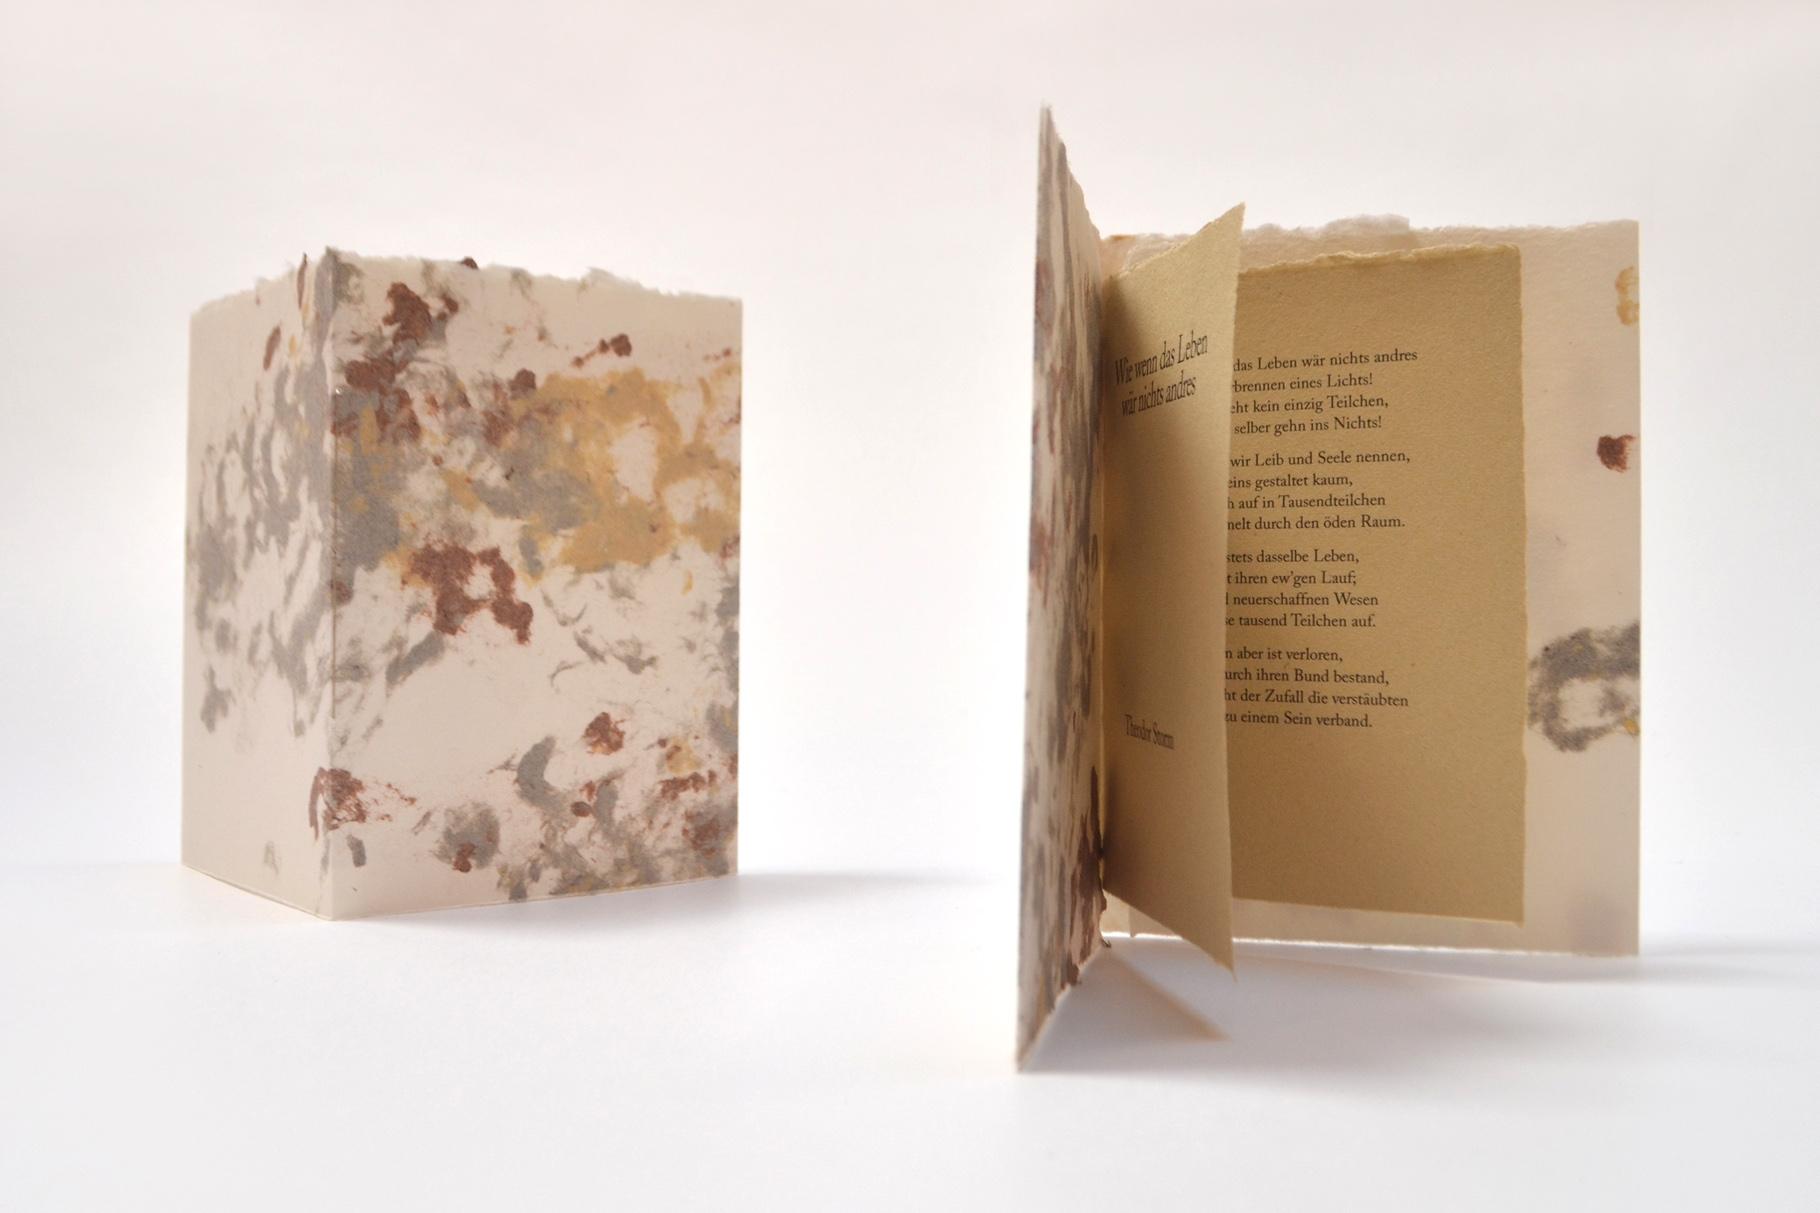 """""""Wie wenn das Leben wär nichts andres"""" (2018) - Ein Heft, gestaltet von John Gerard mit einem Gedicht von Theodor Storm"""